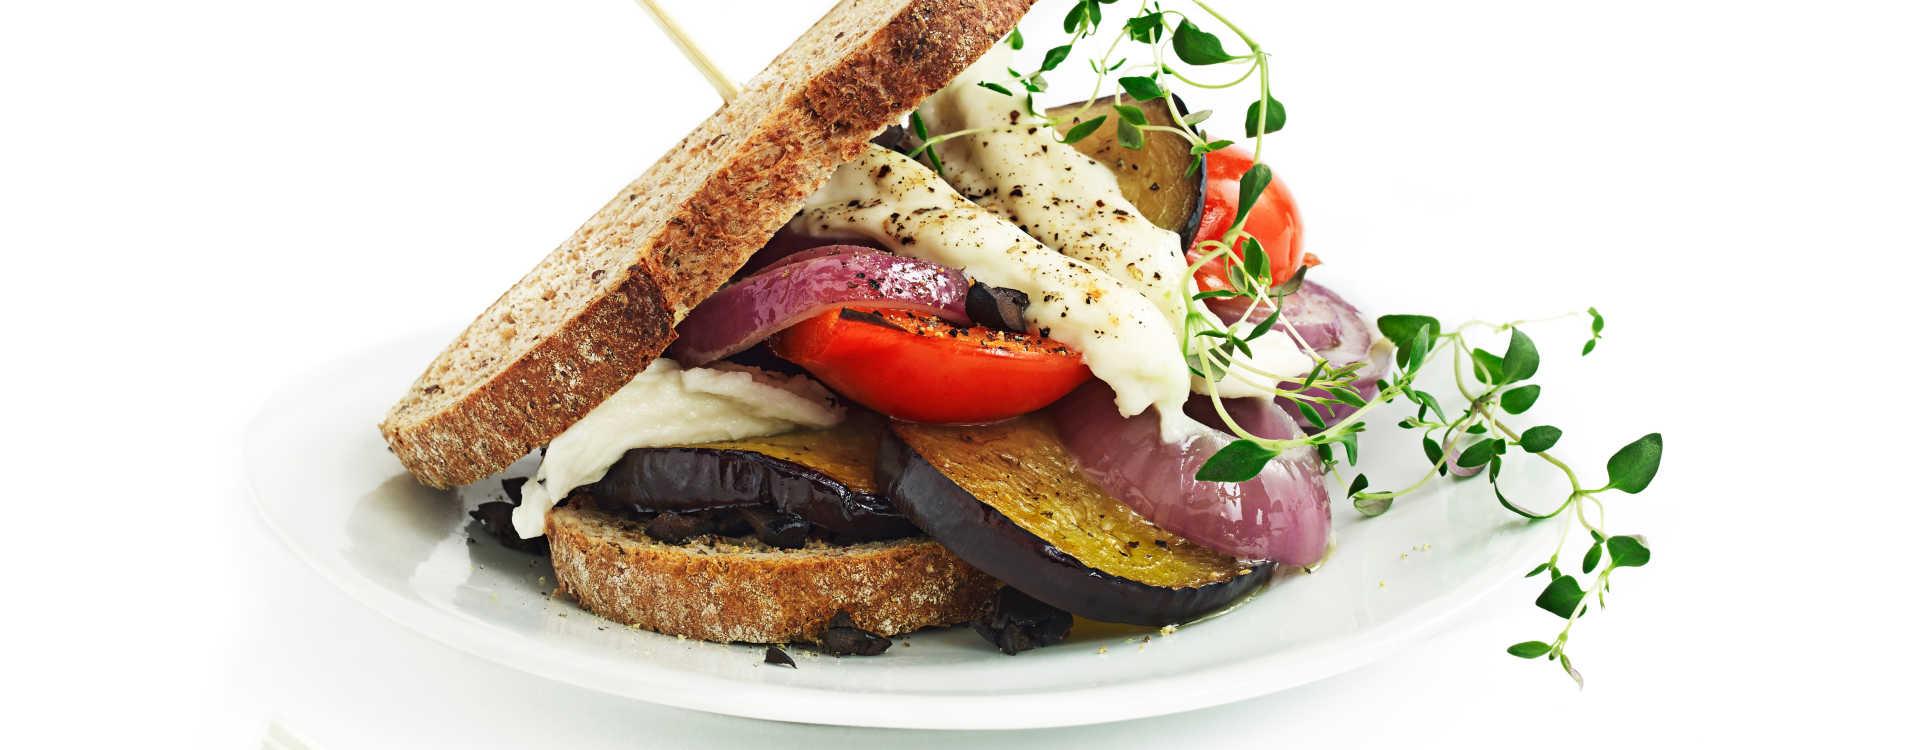 Varm blings med grillet paprika, rødløk og aubergine